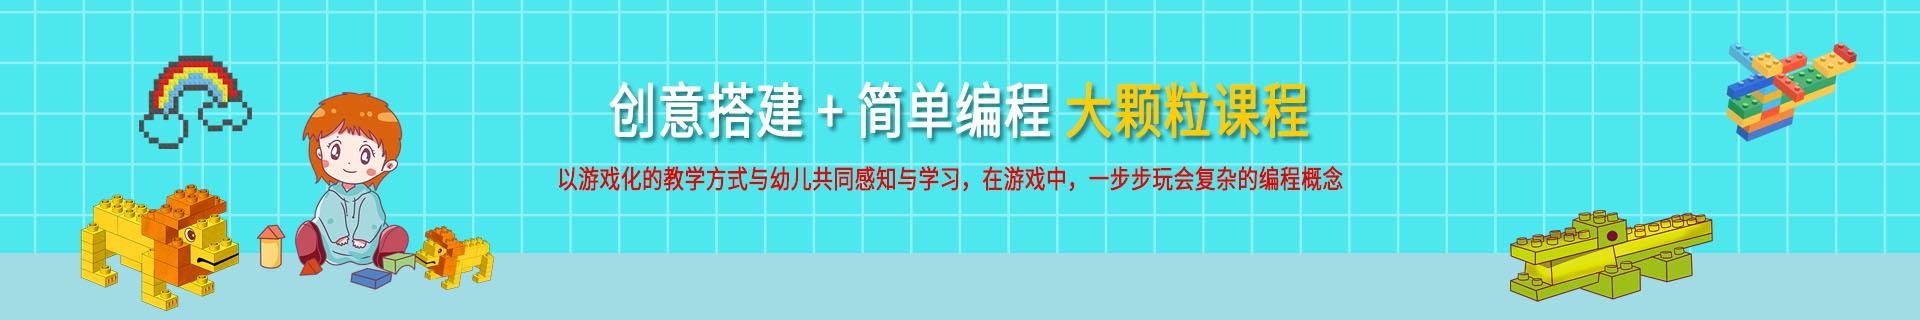 重庆沙坪坝区小龙坎正街乐博乐博少儿编程